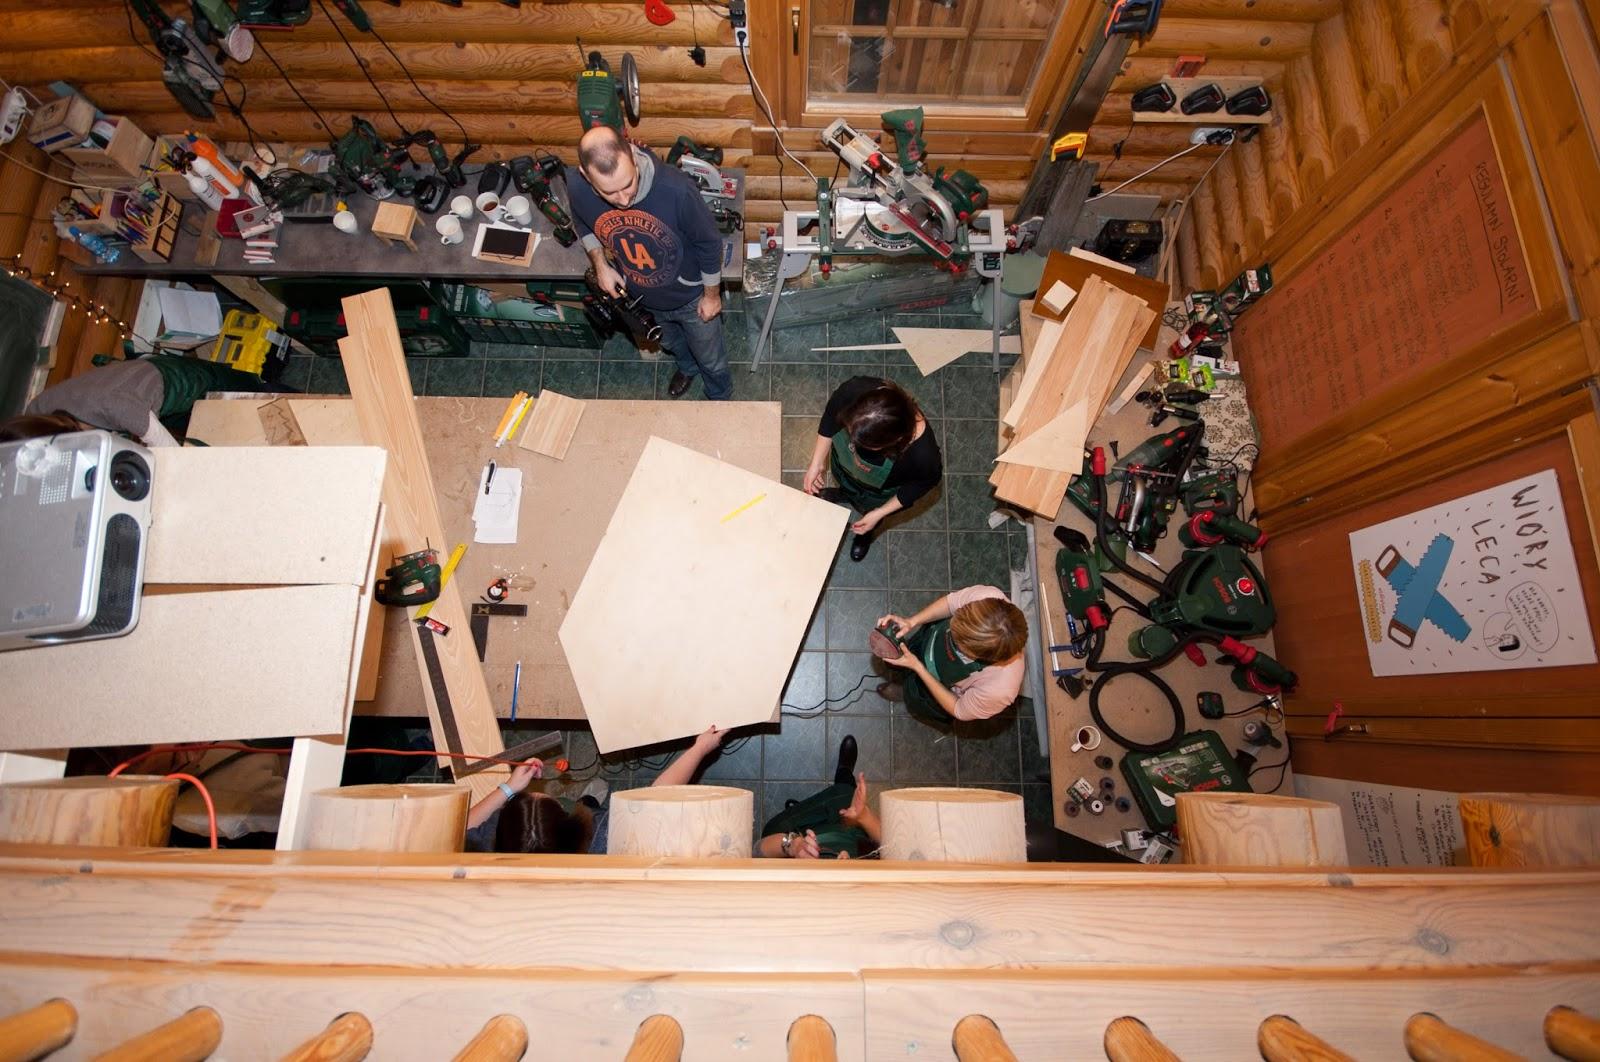 warsztaty stolarskie,krok po kroku,DIY,zrób to sam,jak zrobić drewniany domek dla samochodów,resoraków